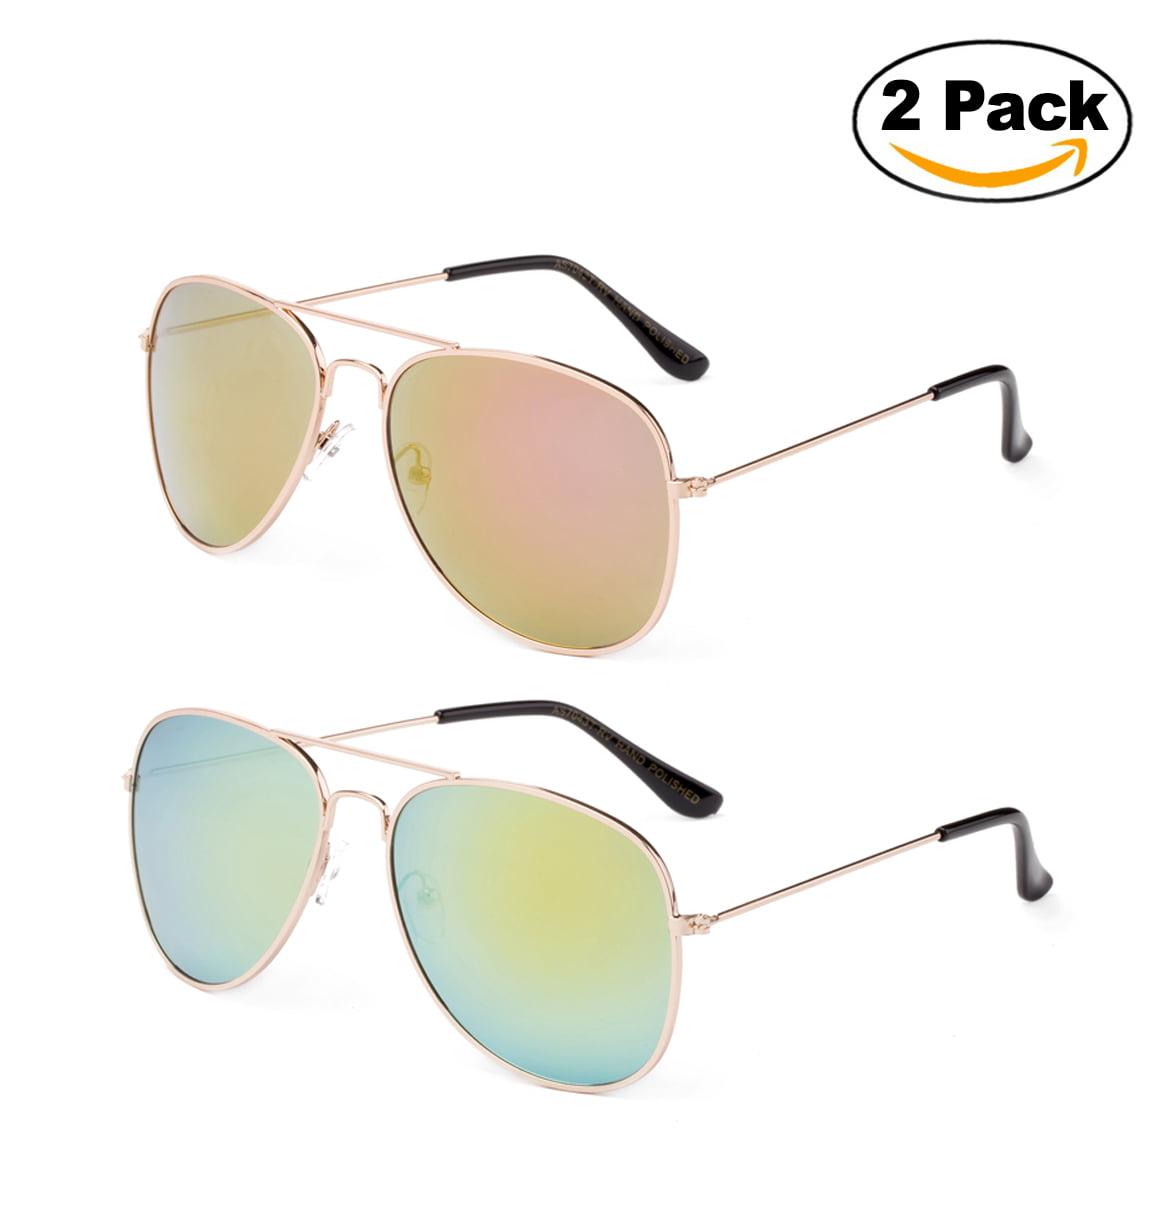 Newbee Fashion - 2 Pack & 3 Pack Classic Aviator Sunglasses Flash Full Mirror lenses Metal Frame for Men Women UV Protection